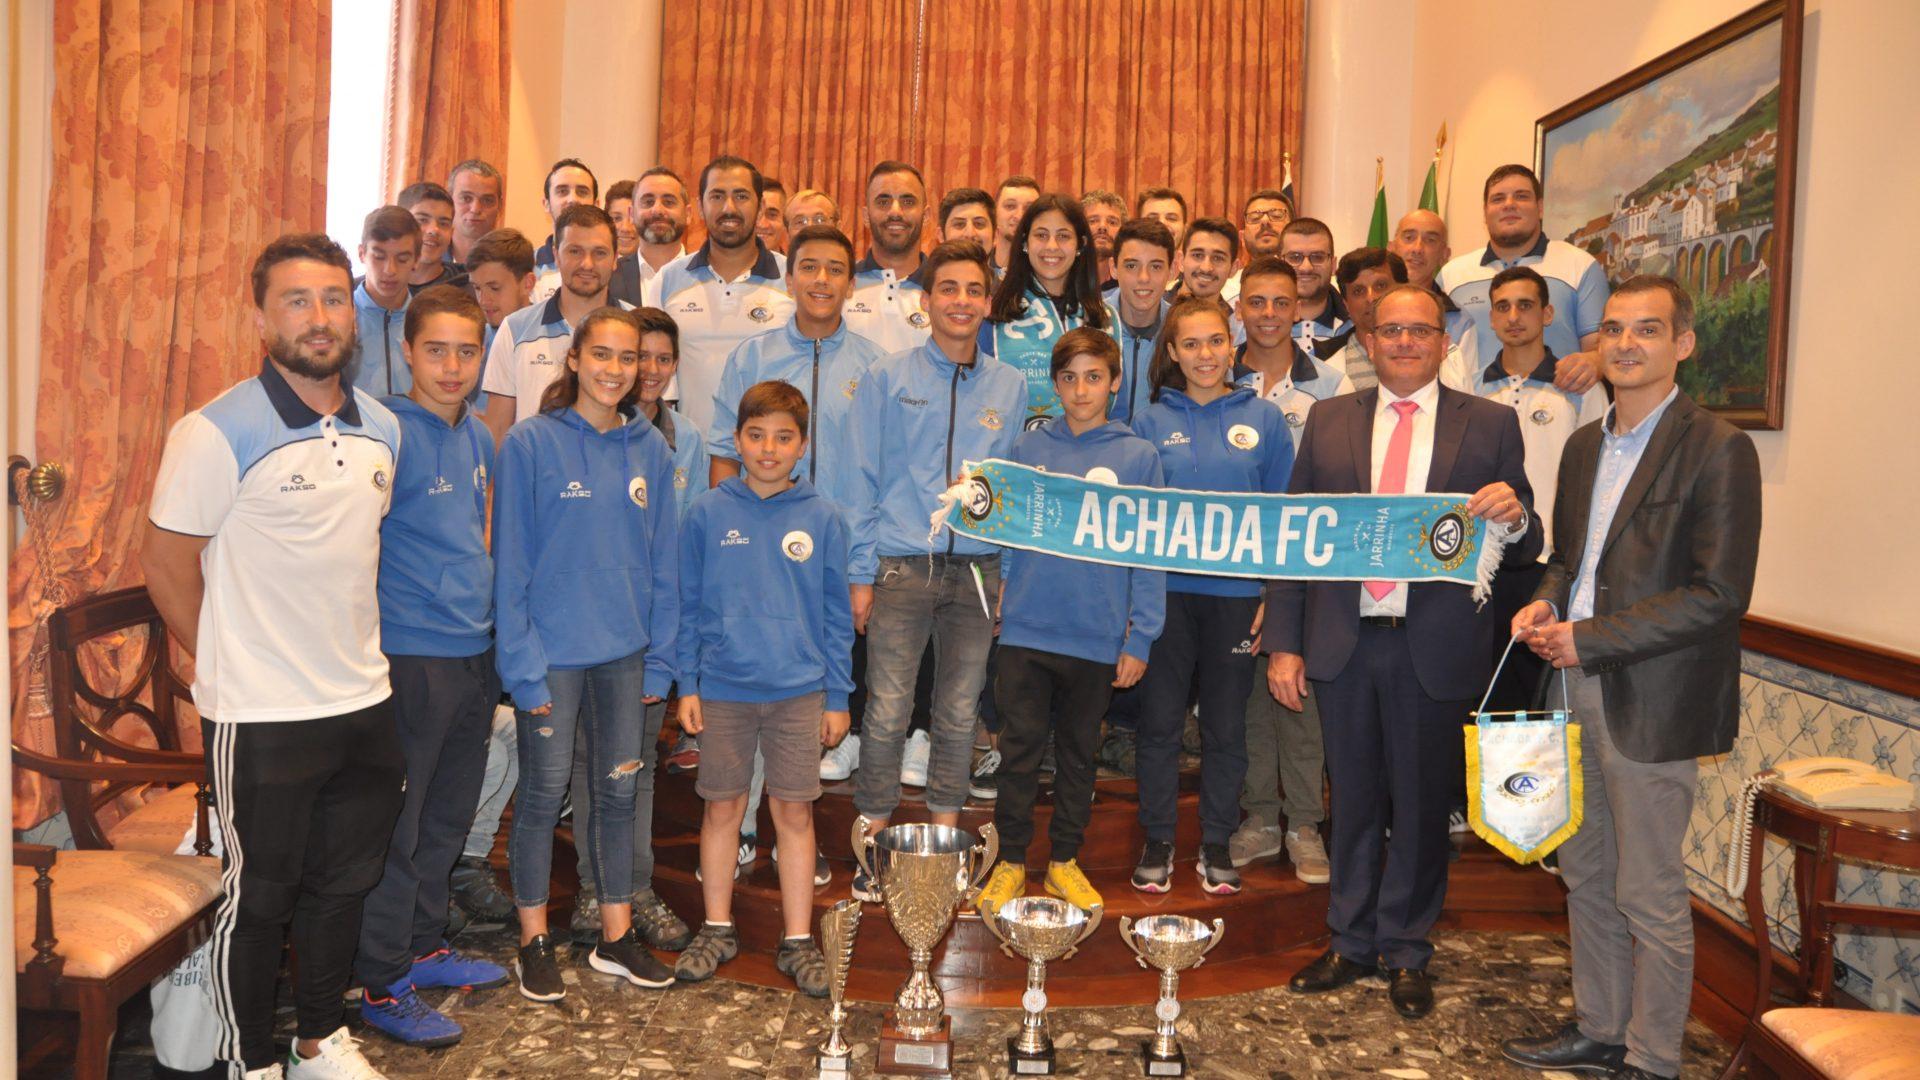 Câmara felicita o Achada